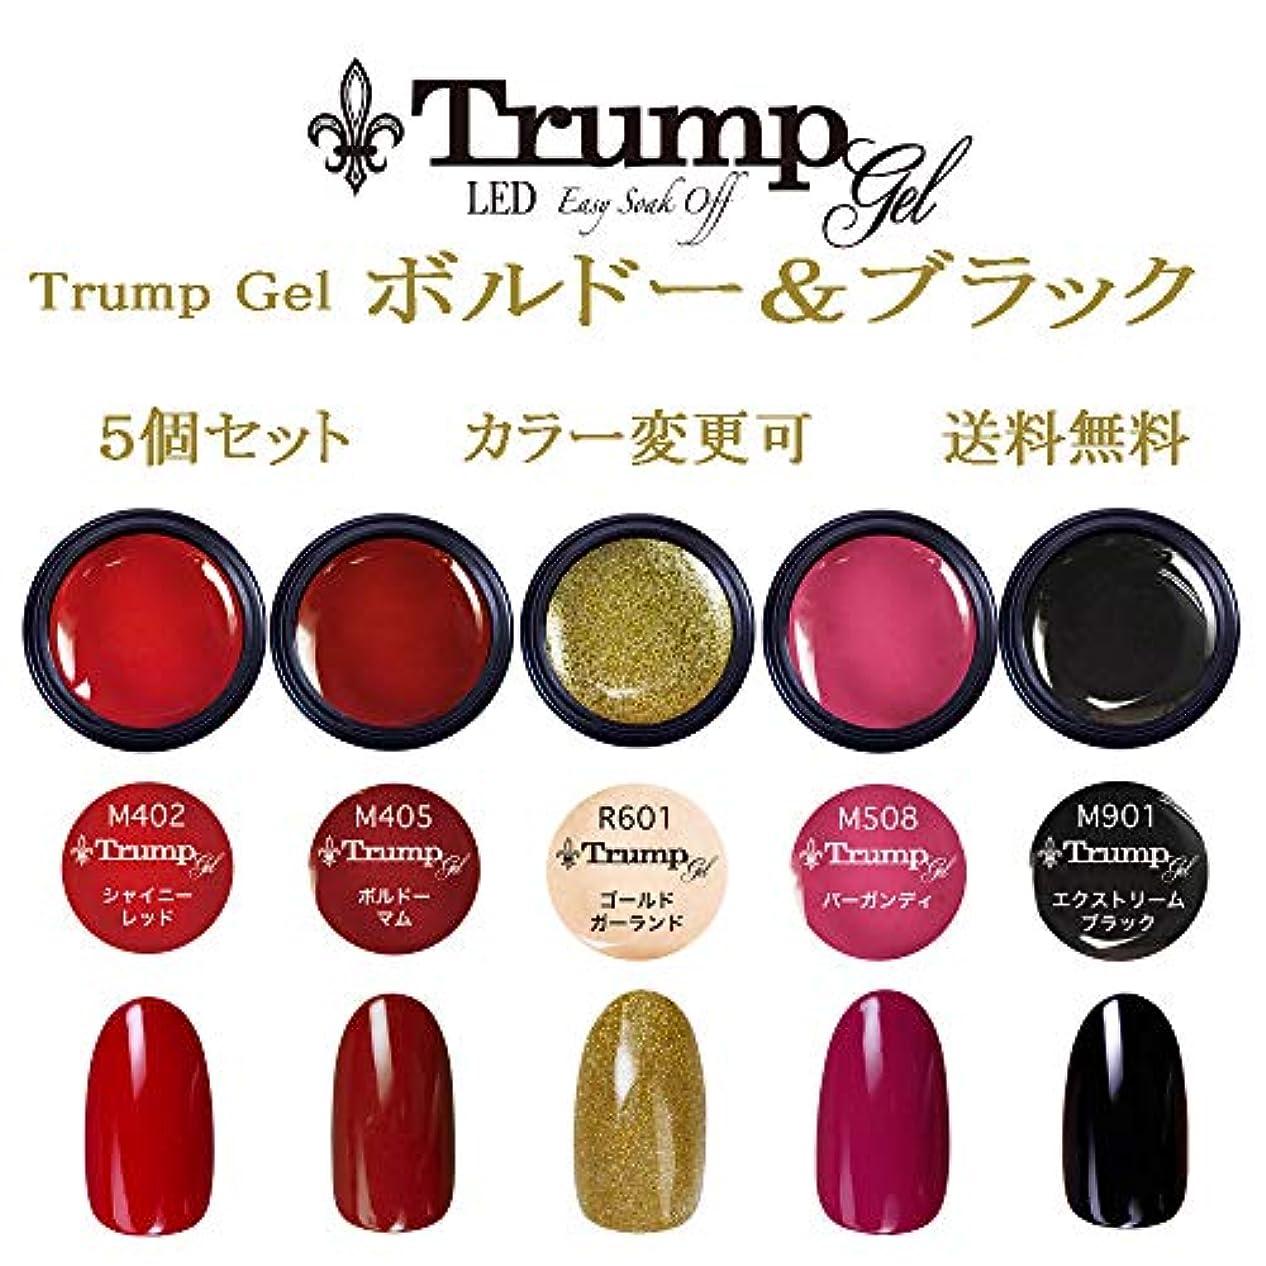 劣る震える動揺させる日本製 Trump gel トランプジェル ボルドー & ブラック ネイル 選べる カラージェル 5個セット ワイン ボルドー ゴールド パープル ブラック